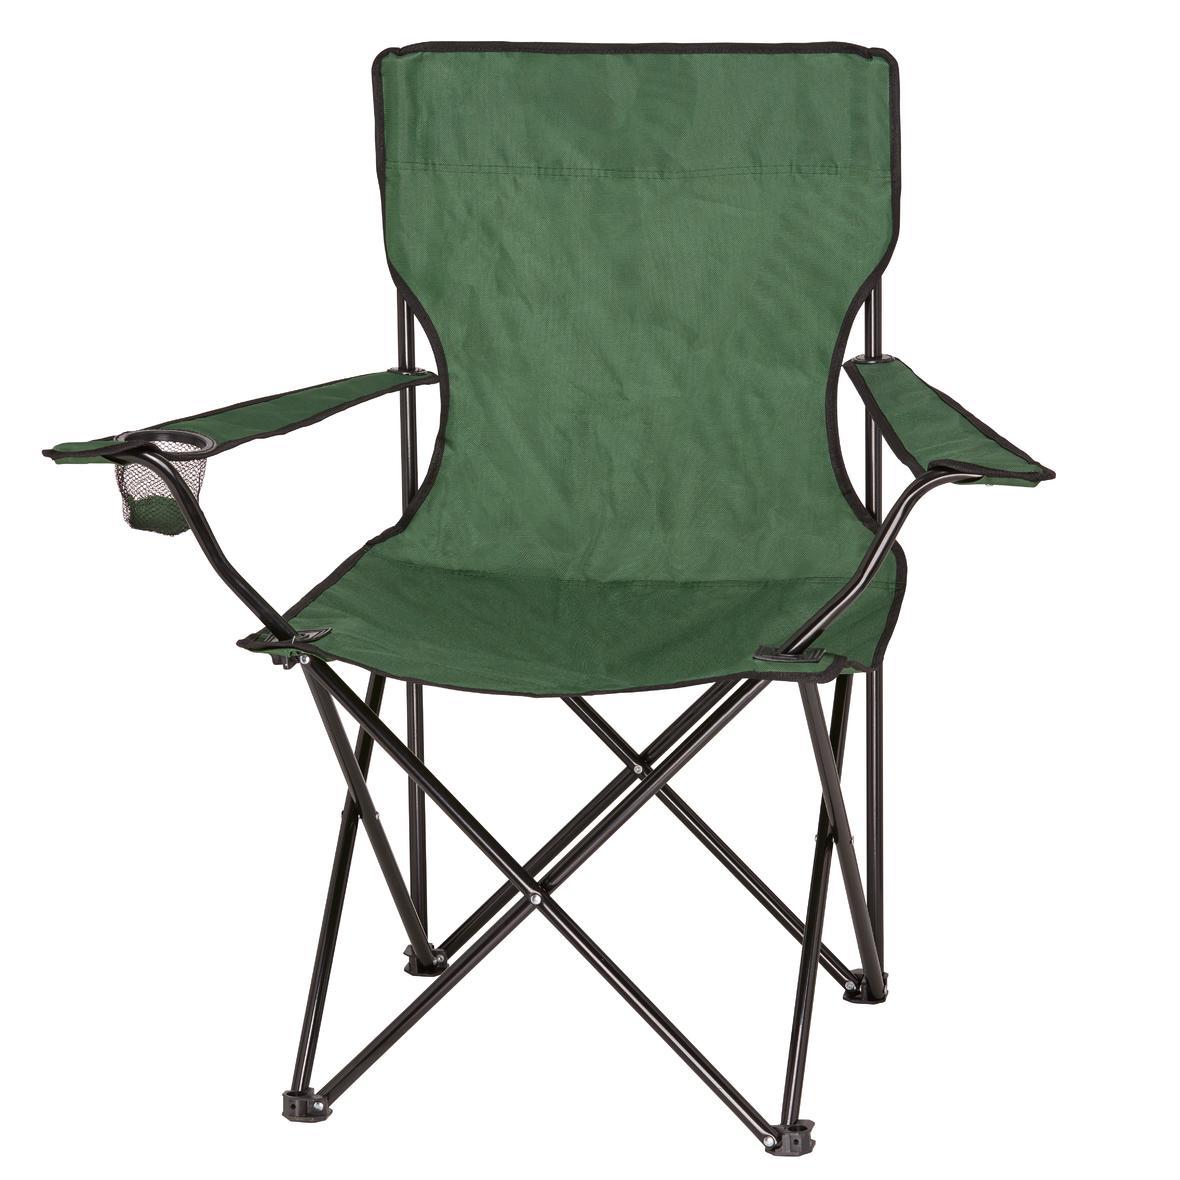 Superb Camping Chair Safari Green Machost Co Dining Chair Design Ideas Machostcouk